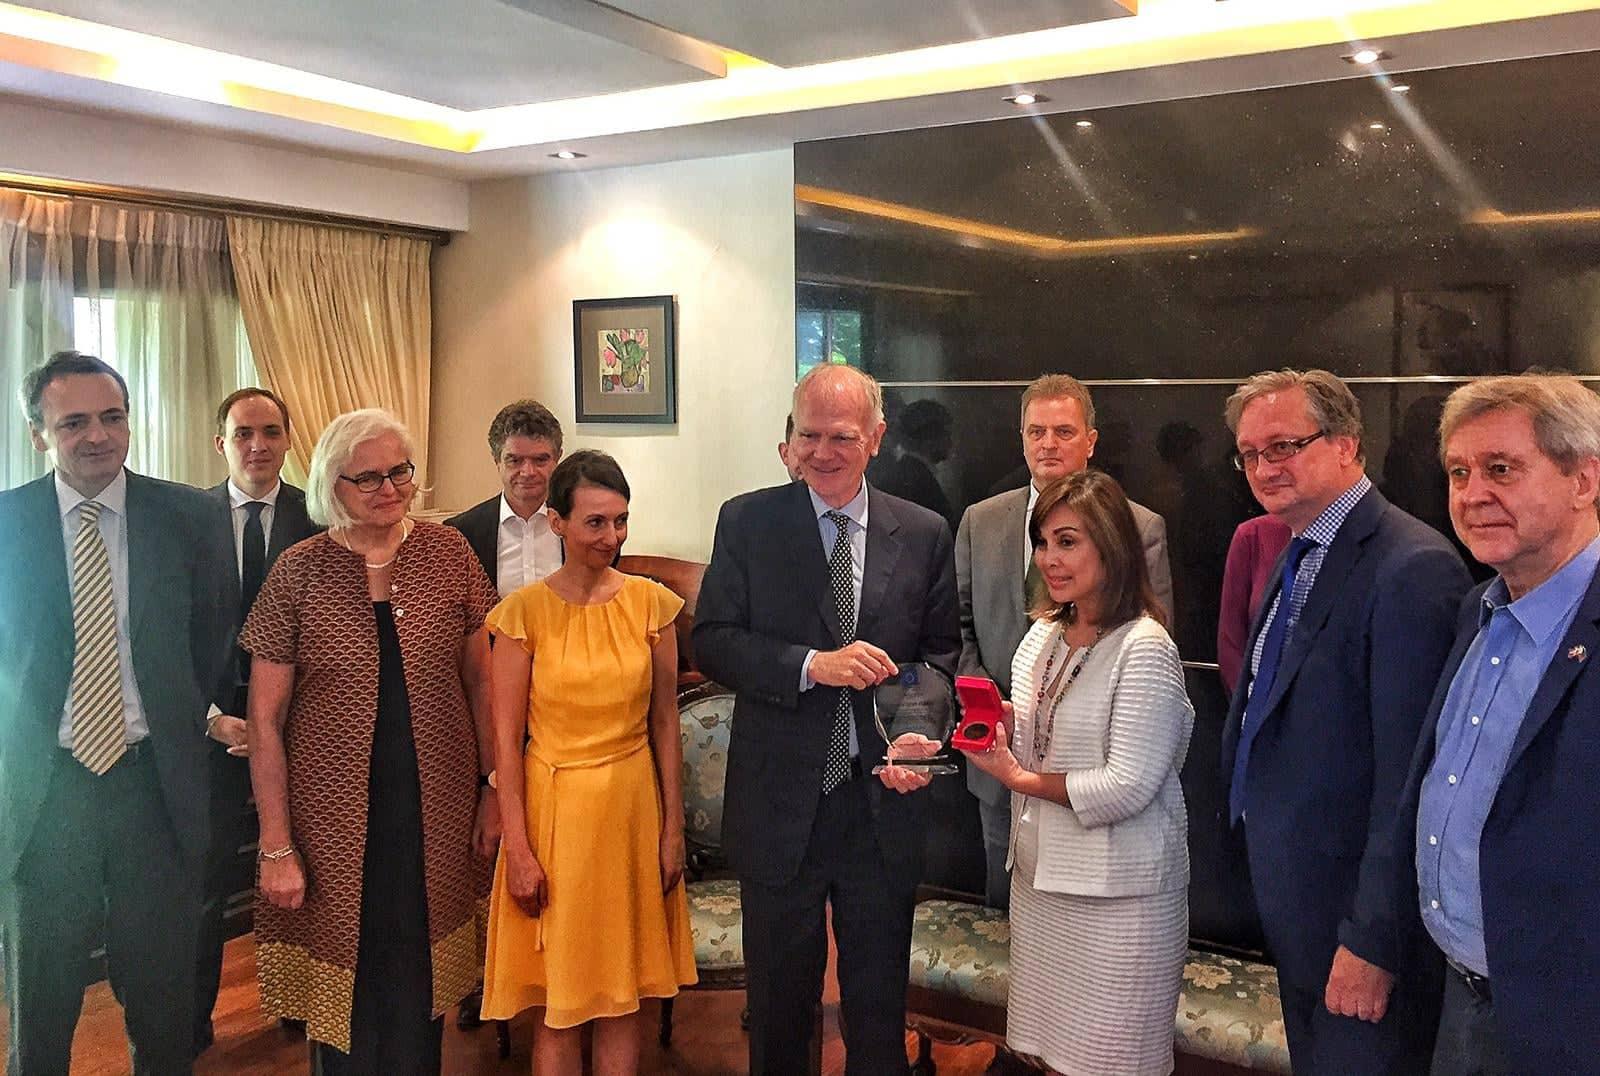 Senator Legarda Receives Award of Distinction from EU